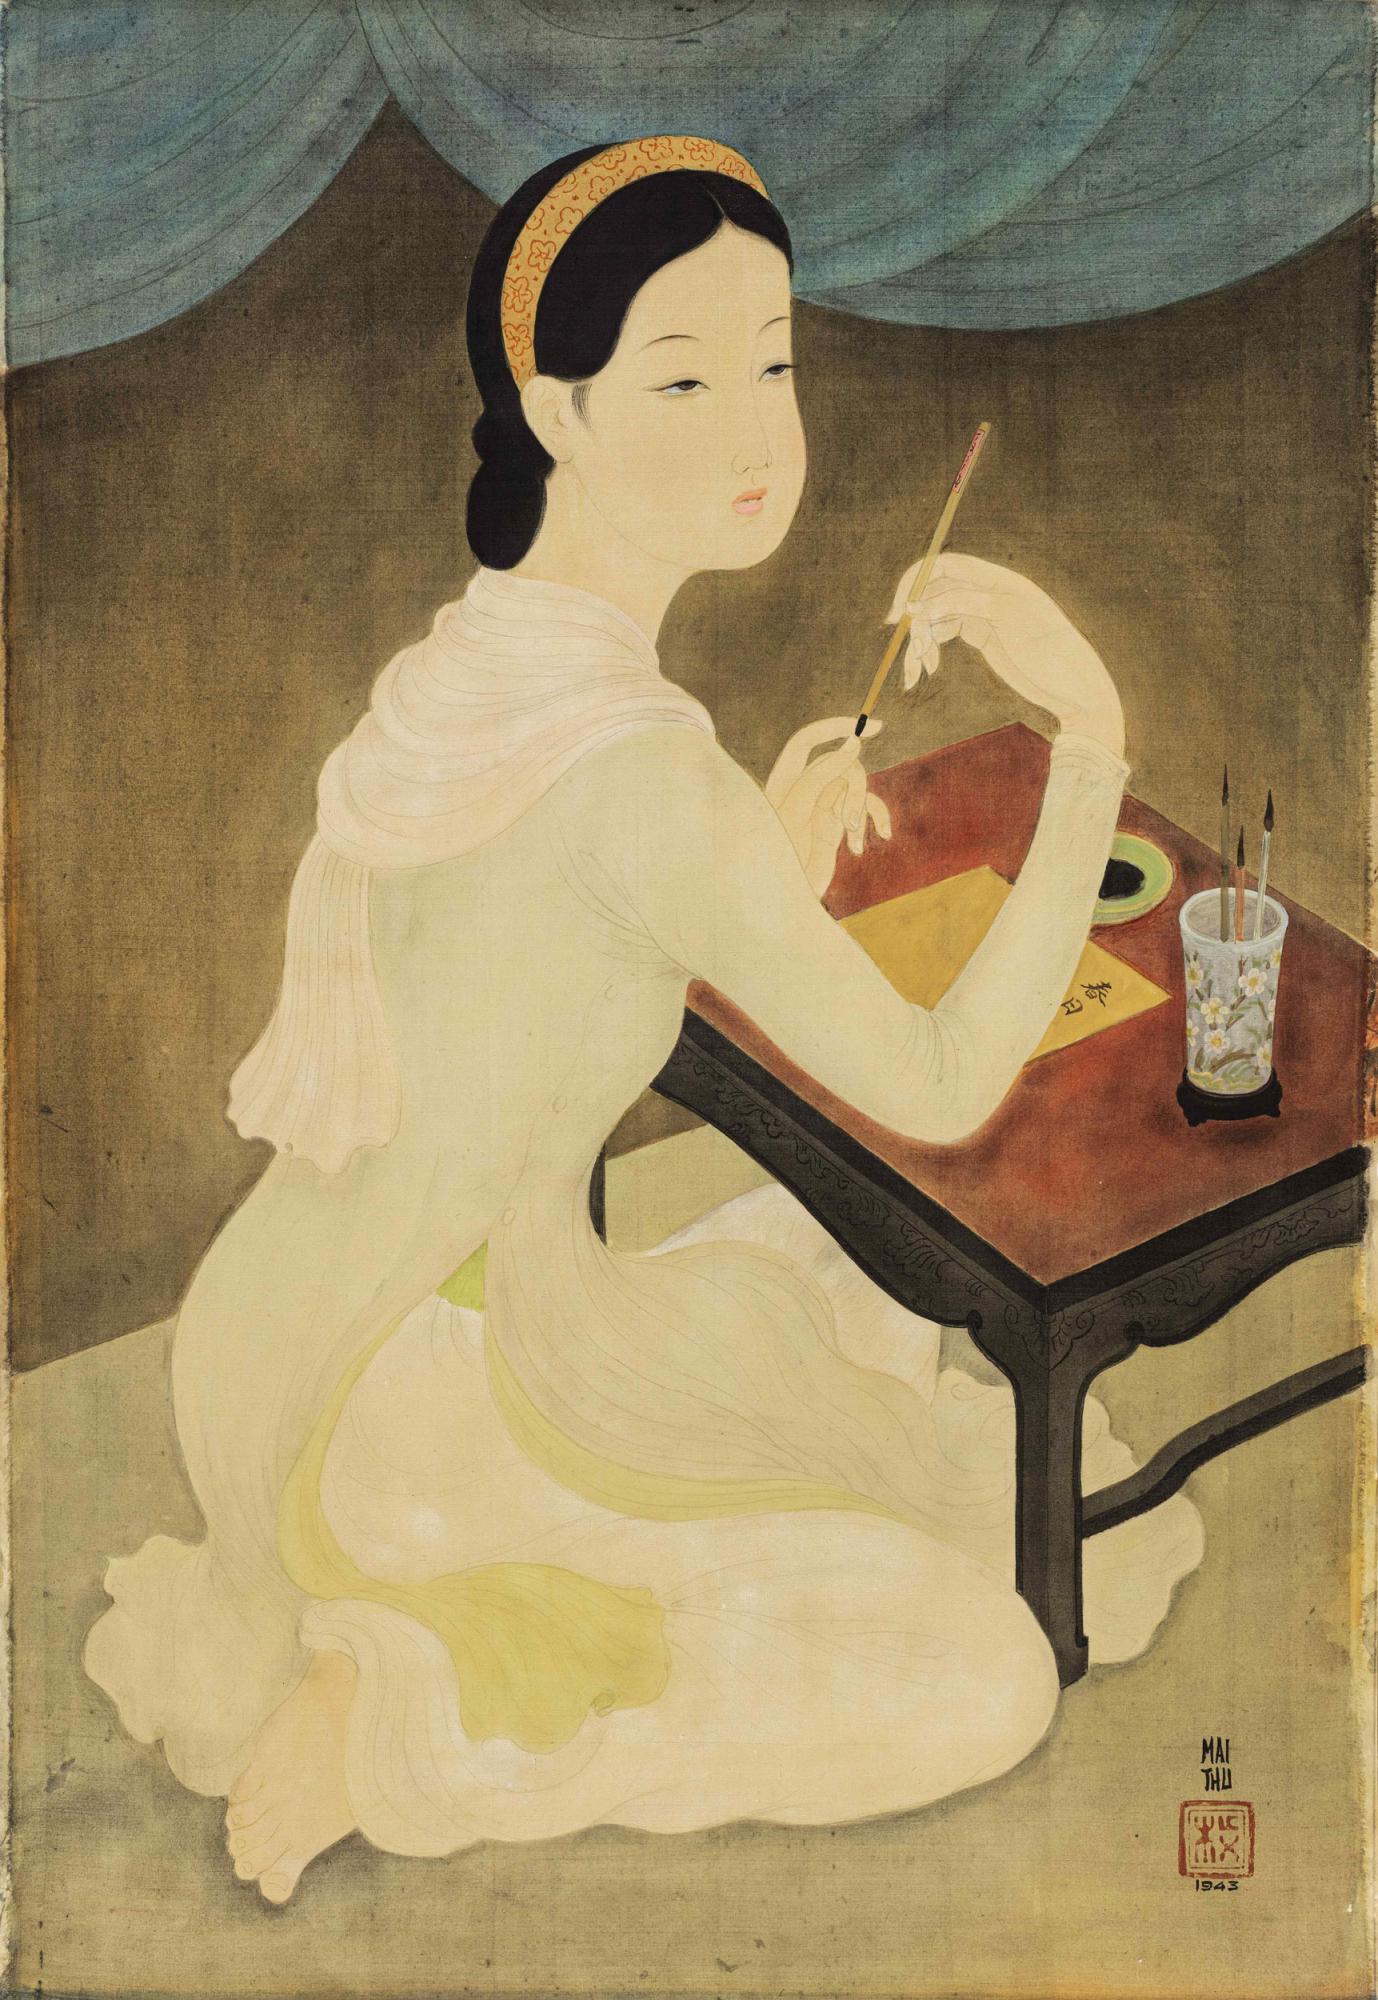 梅忠恕《作詩的仕女》,水墨水粉絹本,一九四三年作,73 x 50.3 公分,估價:3,200,000 - 4,000,000 港元。